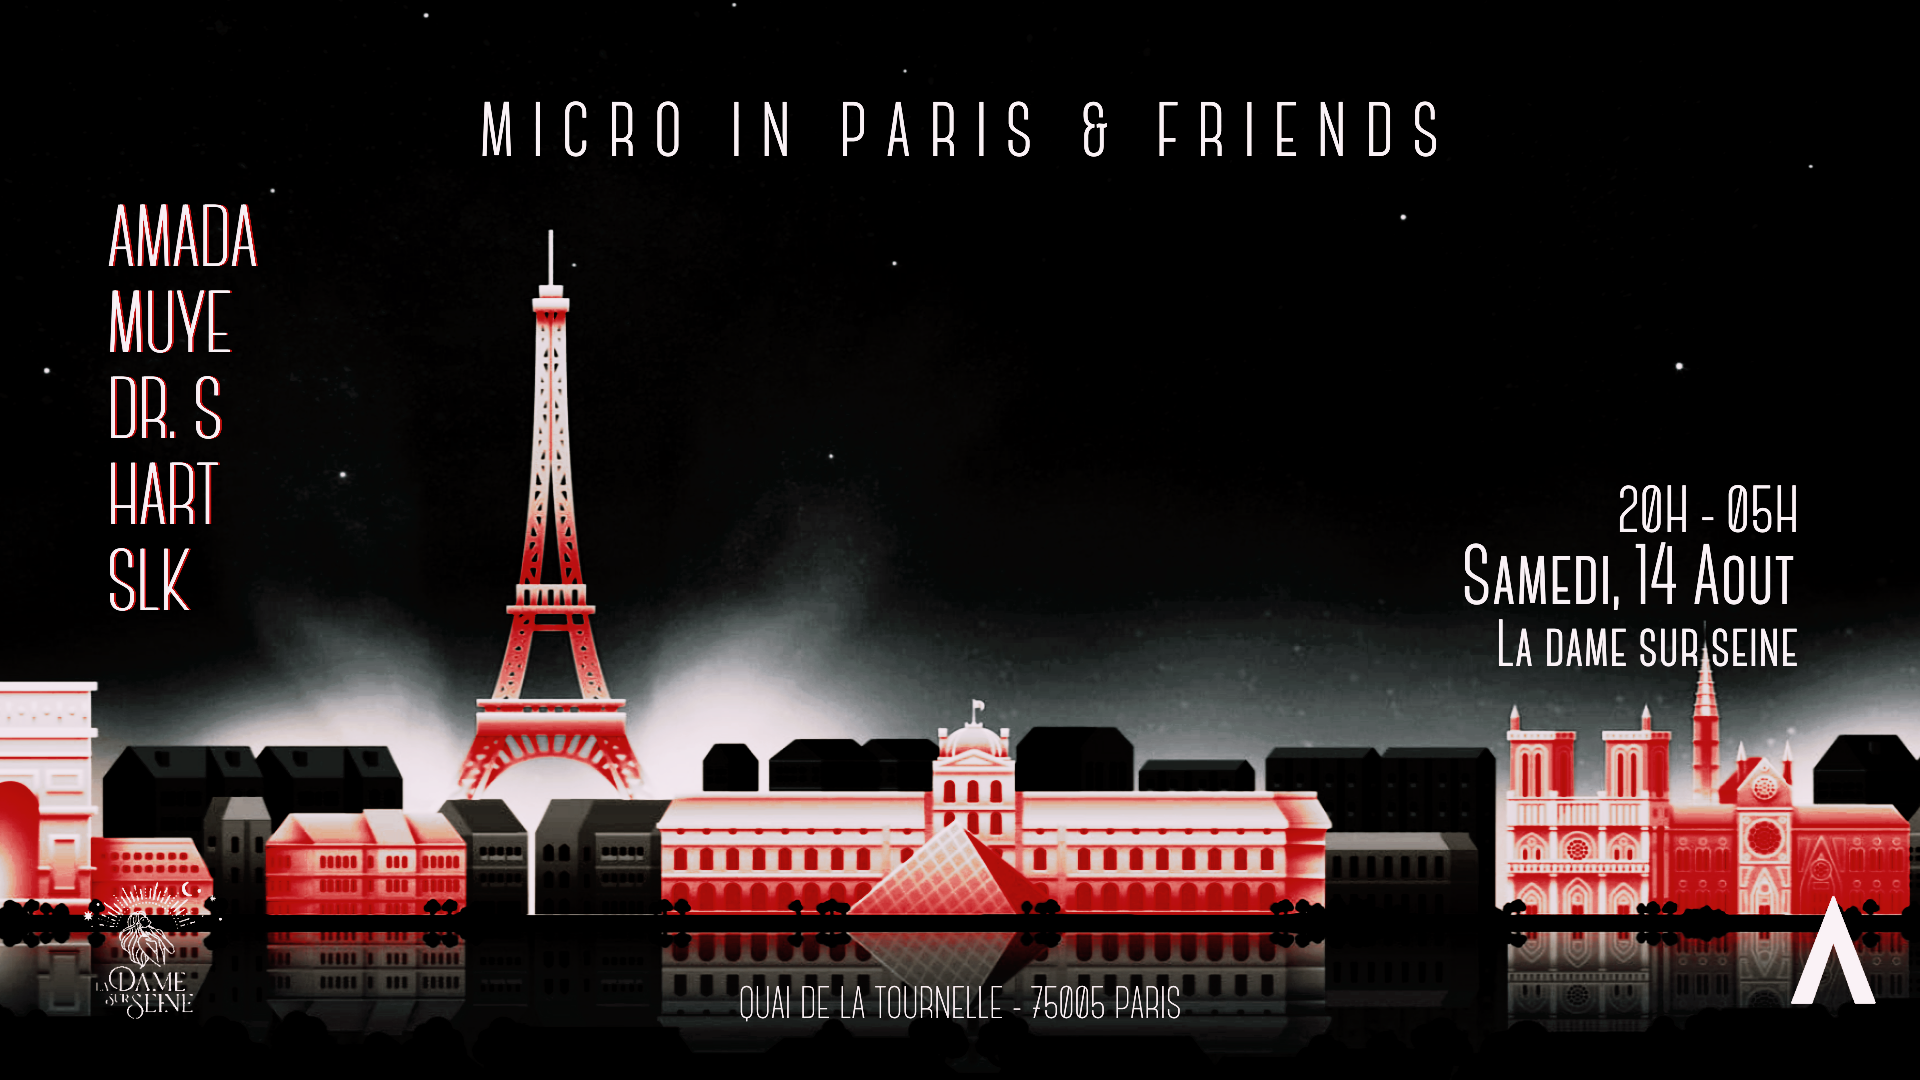 Micro in Paris invites : Hart x SLK